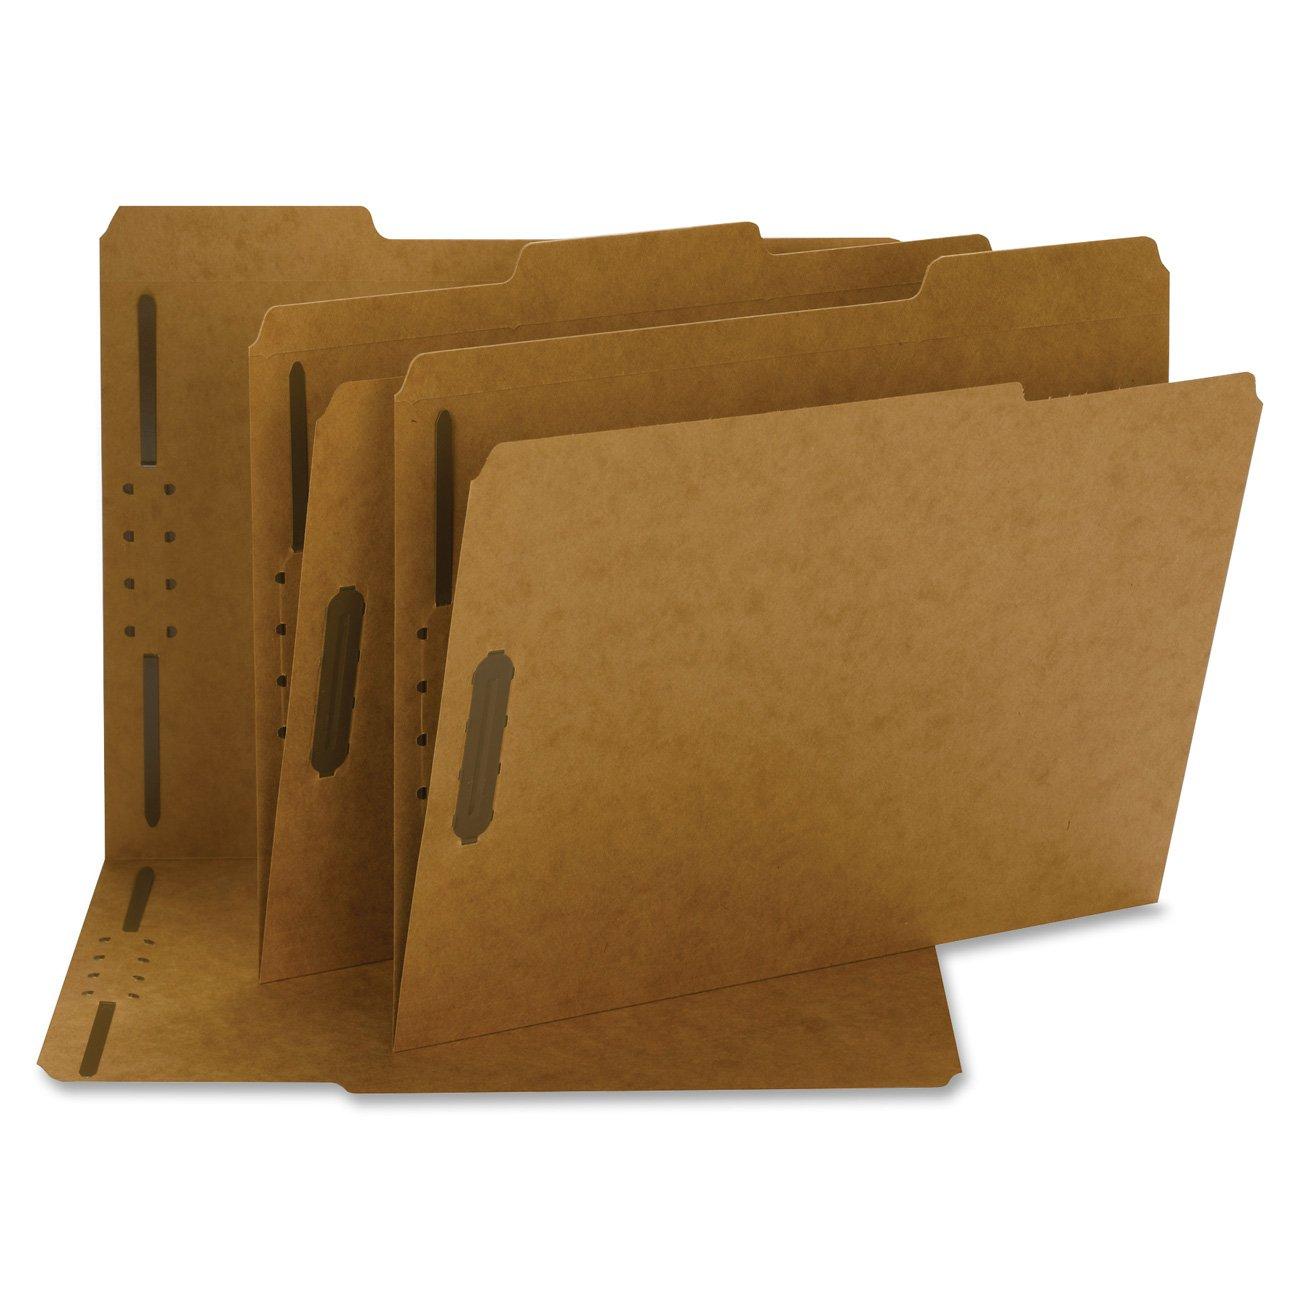 Smead Fastener File Folder, 2 Fasteners, Reinforced 1/3-Cut Tab, Letter Size, Kraft, 50 per Box (14837)